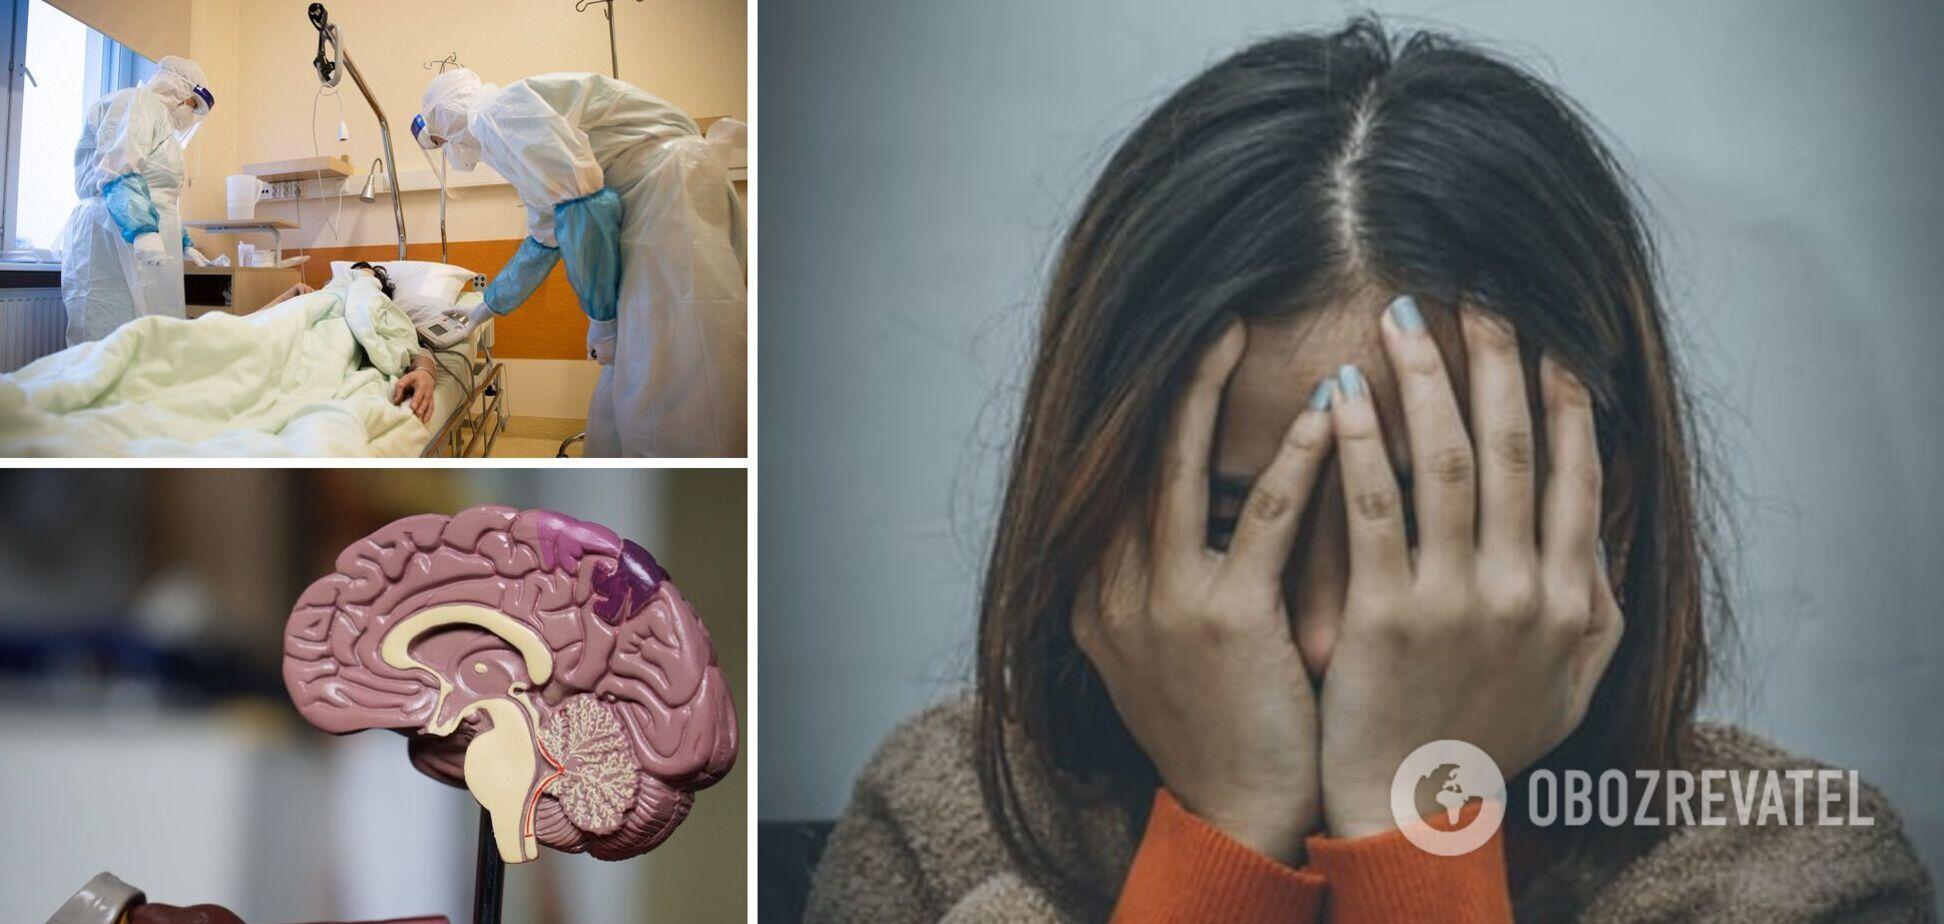 Перехворілі на COVID-19 можуть страждати від когнітивних порушень більш ніж через 7 місяців після зараження, – вчені